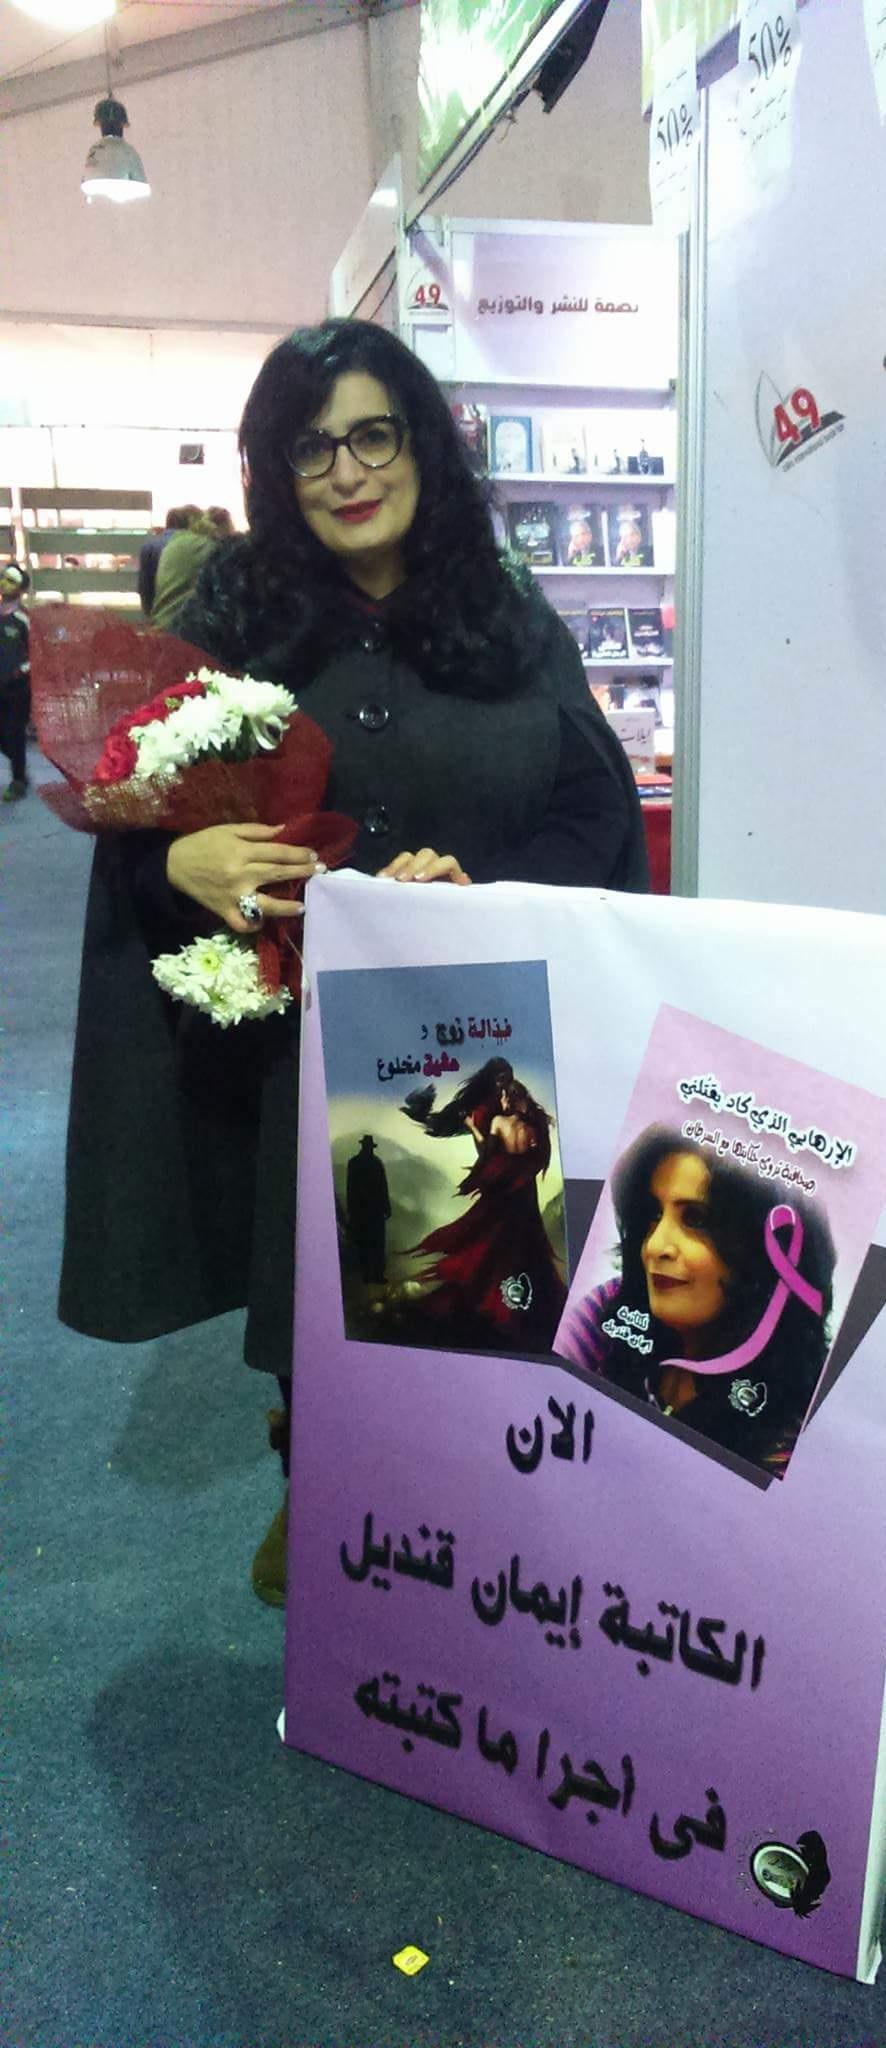 الكاتبة إيمان قنديل وكتاب عن سرطان الثدى (1)